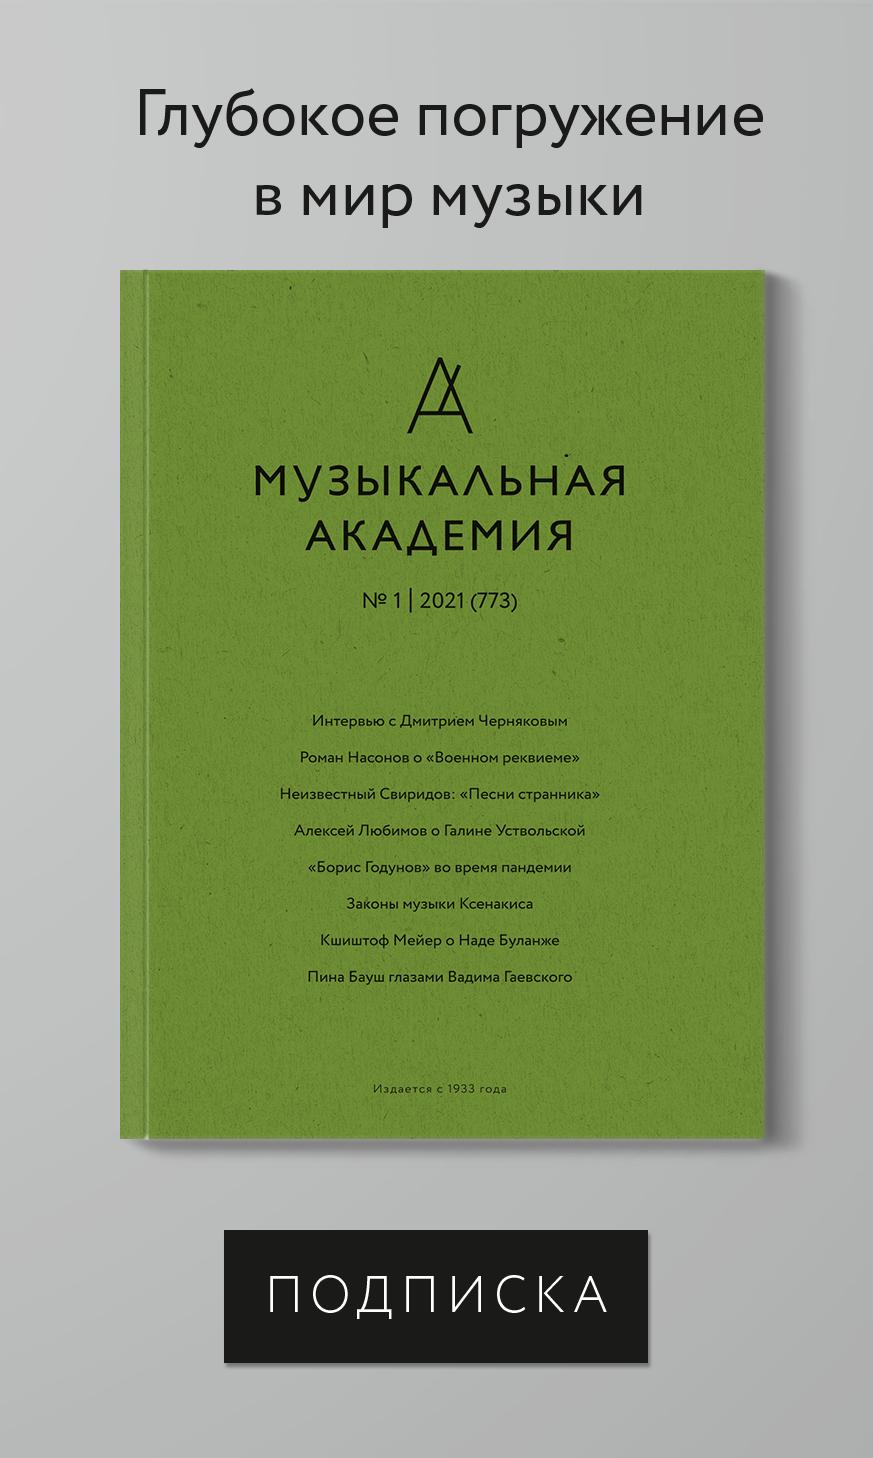 Музыкальная академия № 1, 2021